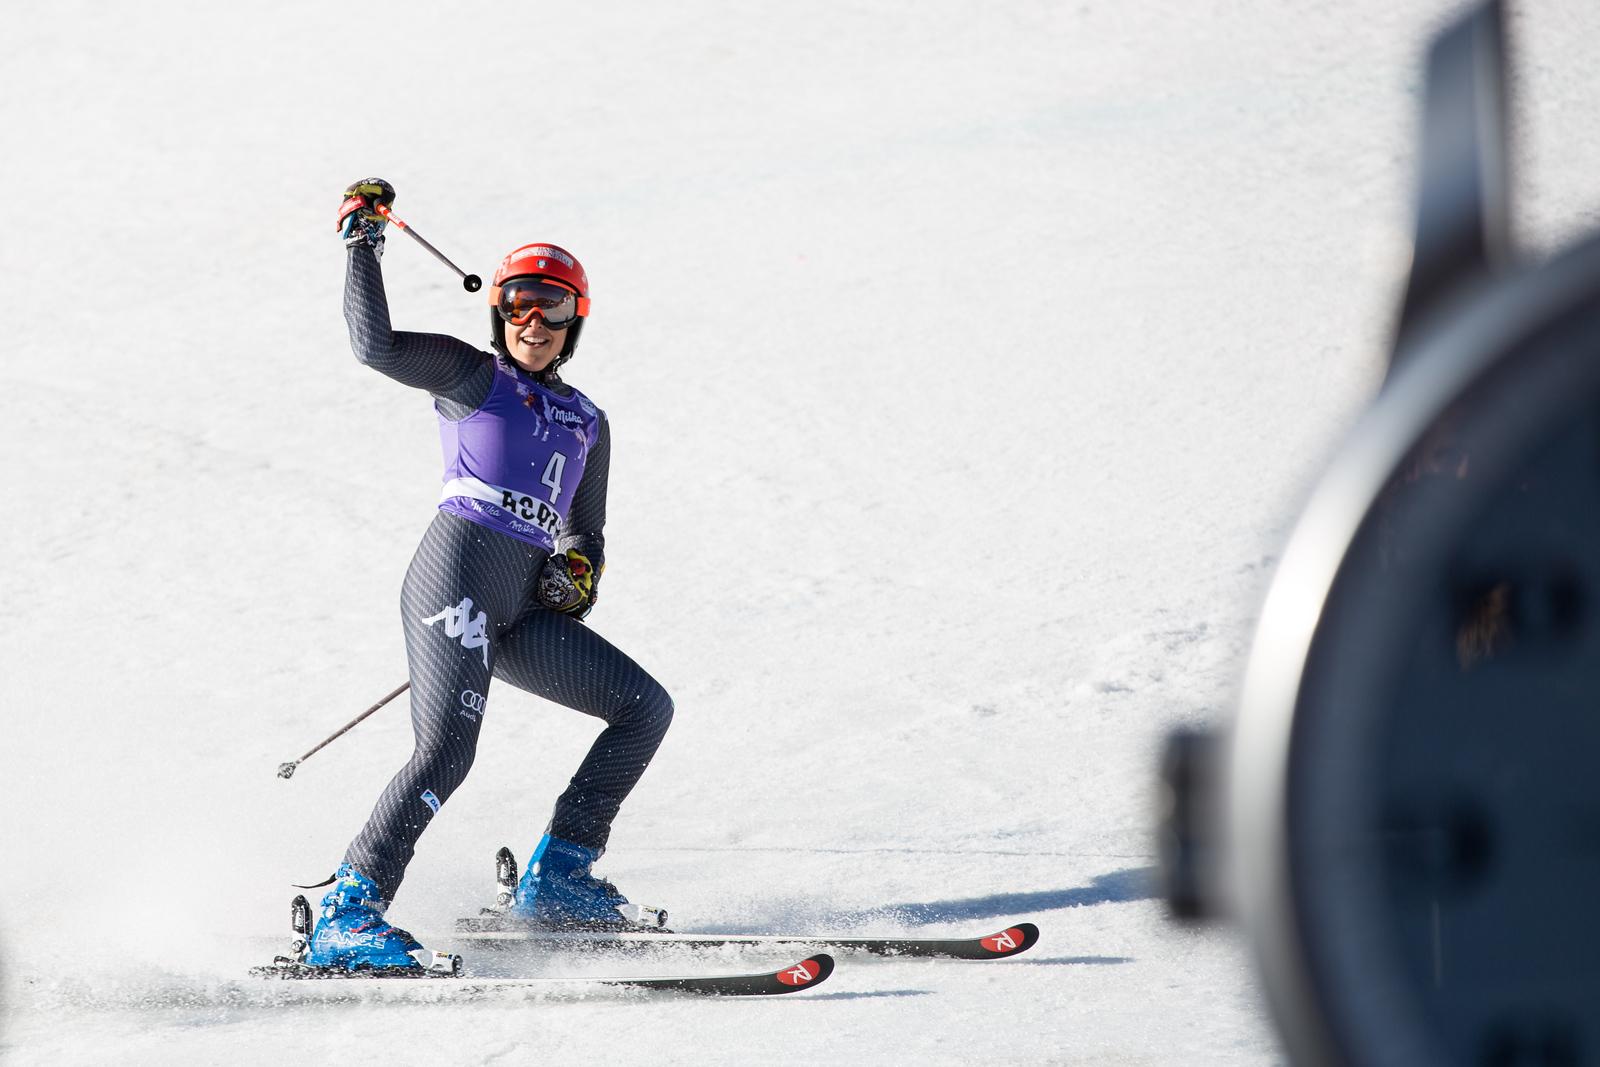 Federica Brignone GS 2017 Audi FIS Ski World Cup finals in Aspen, CO. Photo: U.S. Ski Team